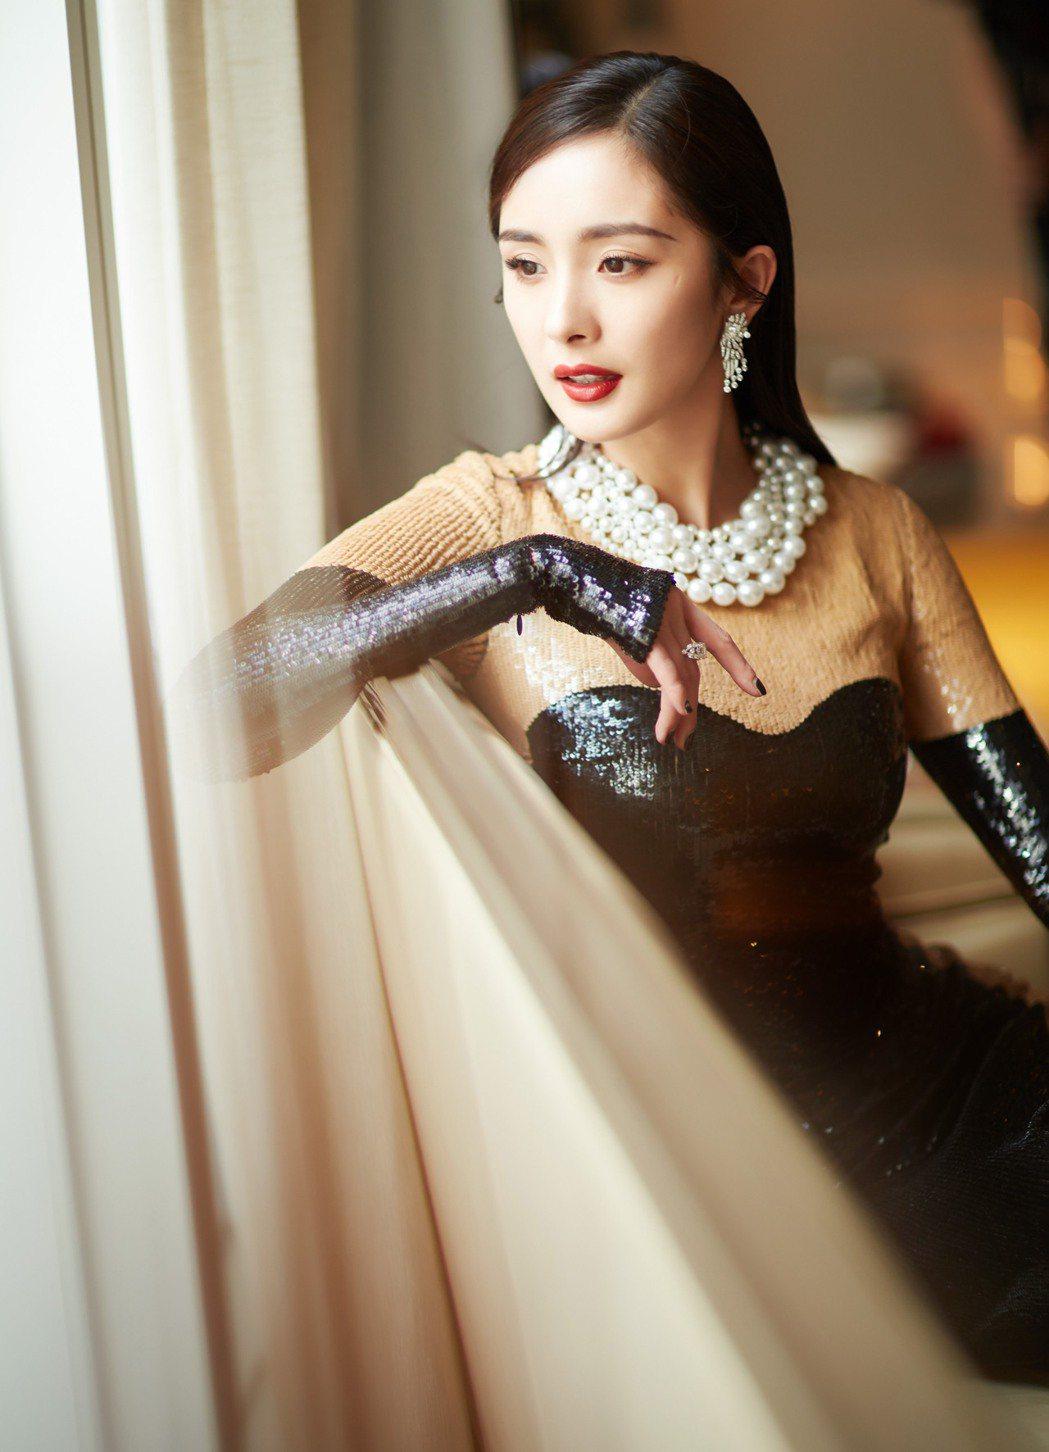 大陸女星楊冪配戴伯爵珠寶,此為定裝照。圖/伯爵提供